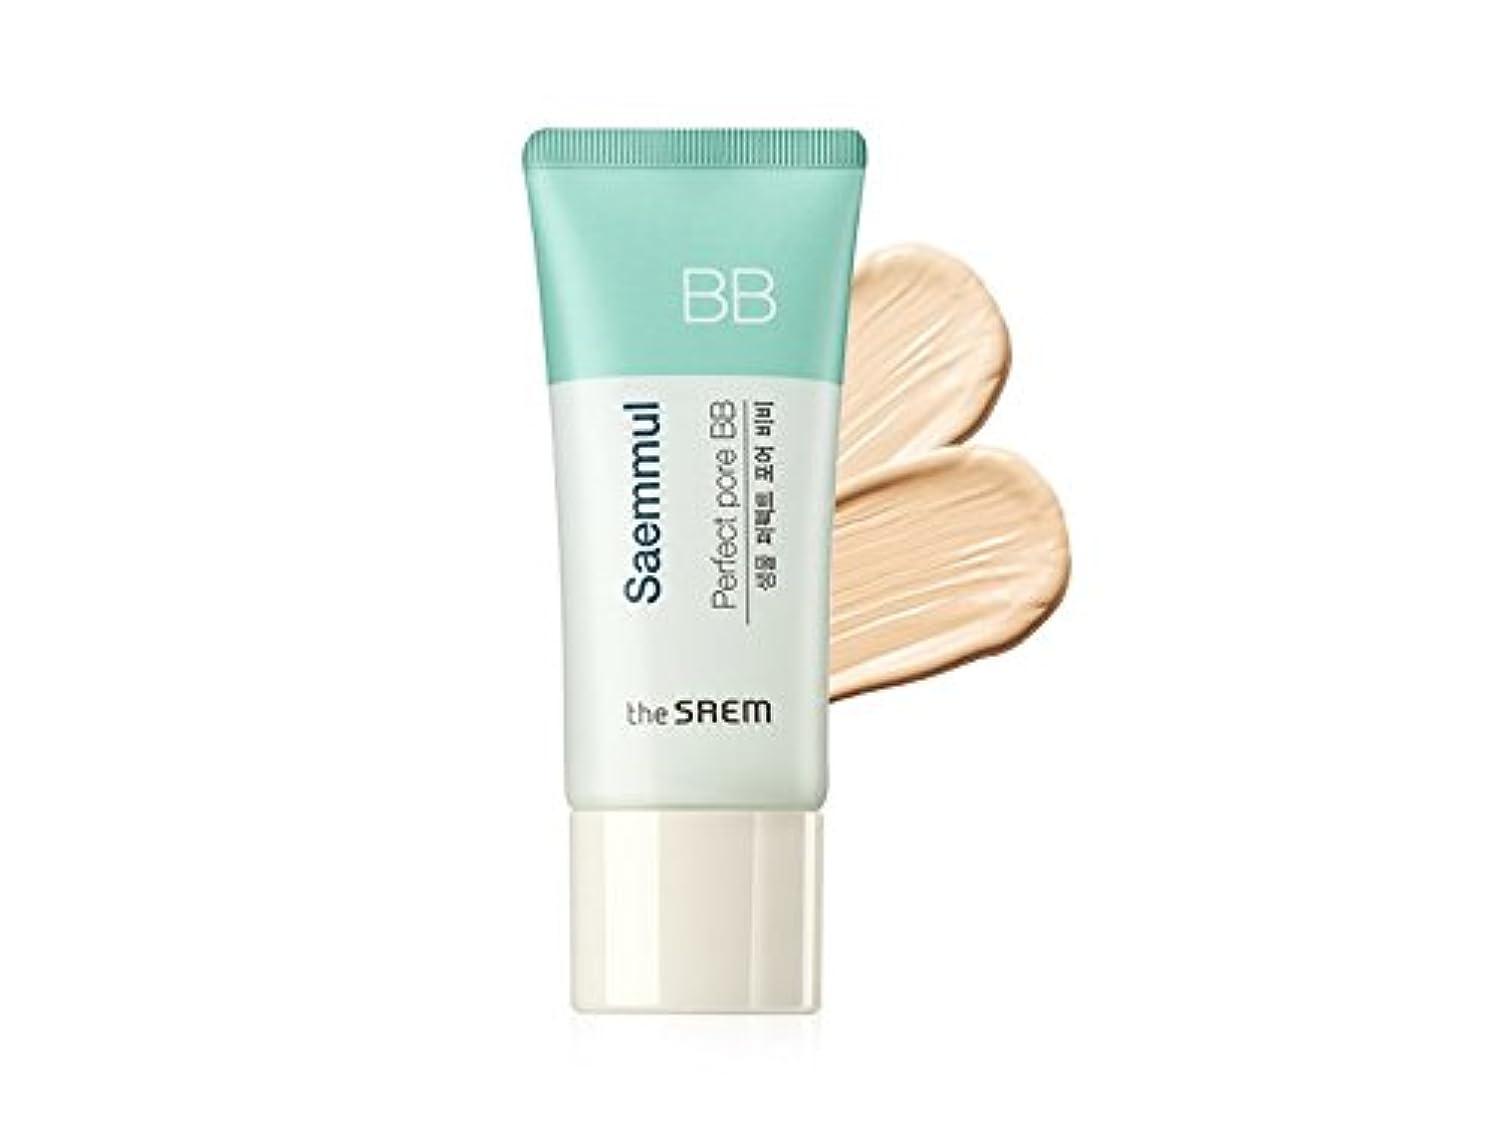 スカーフ裁量要旨The Saem Saemmul Perfect Pore BB Cream (Primer + BB) セームセムムルパーフェクトポアBBクリーム(プライマー+ BB)海外直送商品 (#01)